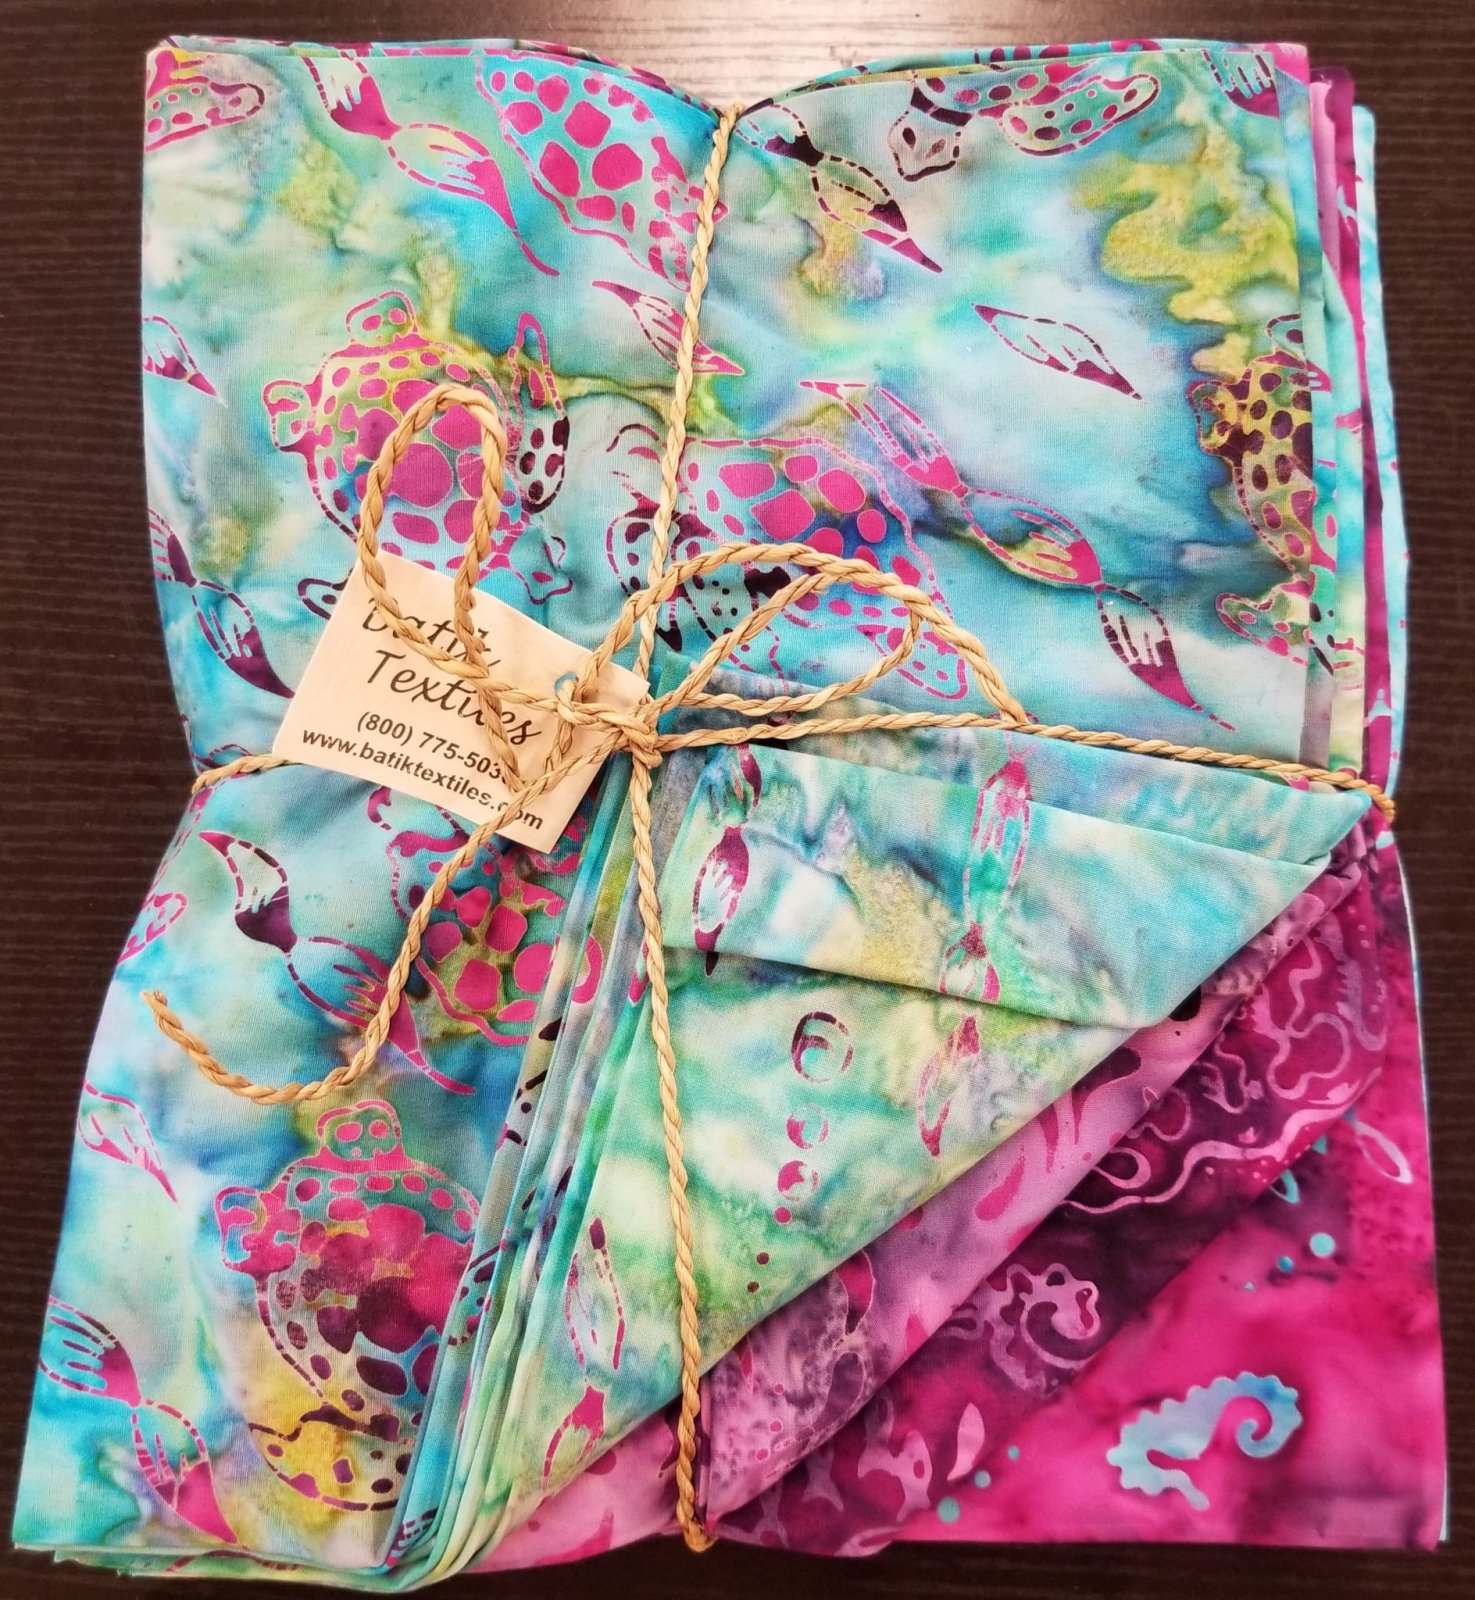 Bahrain Collection 16 1yd cuts by Batik Textiles